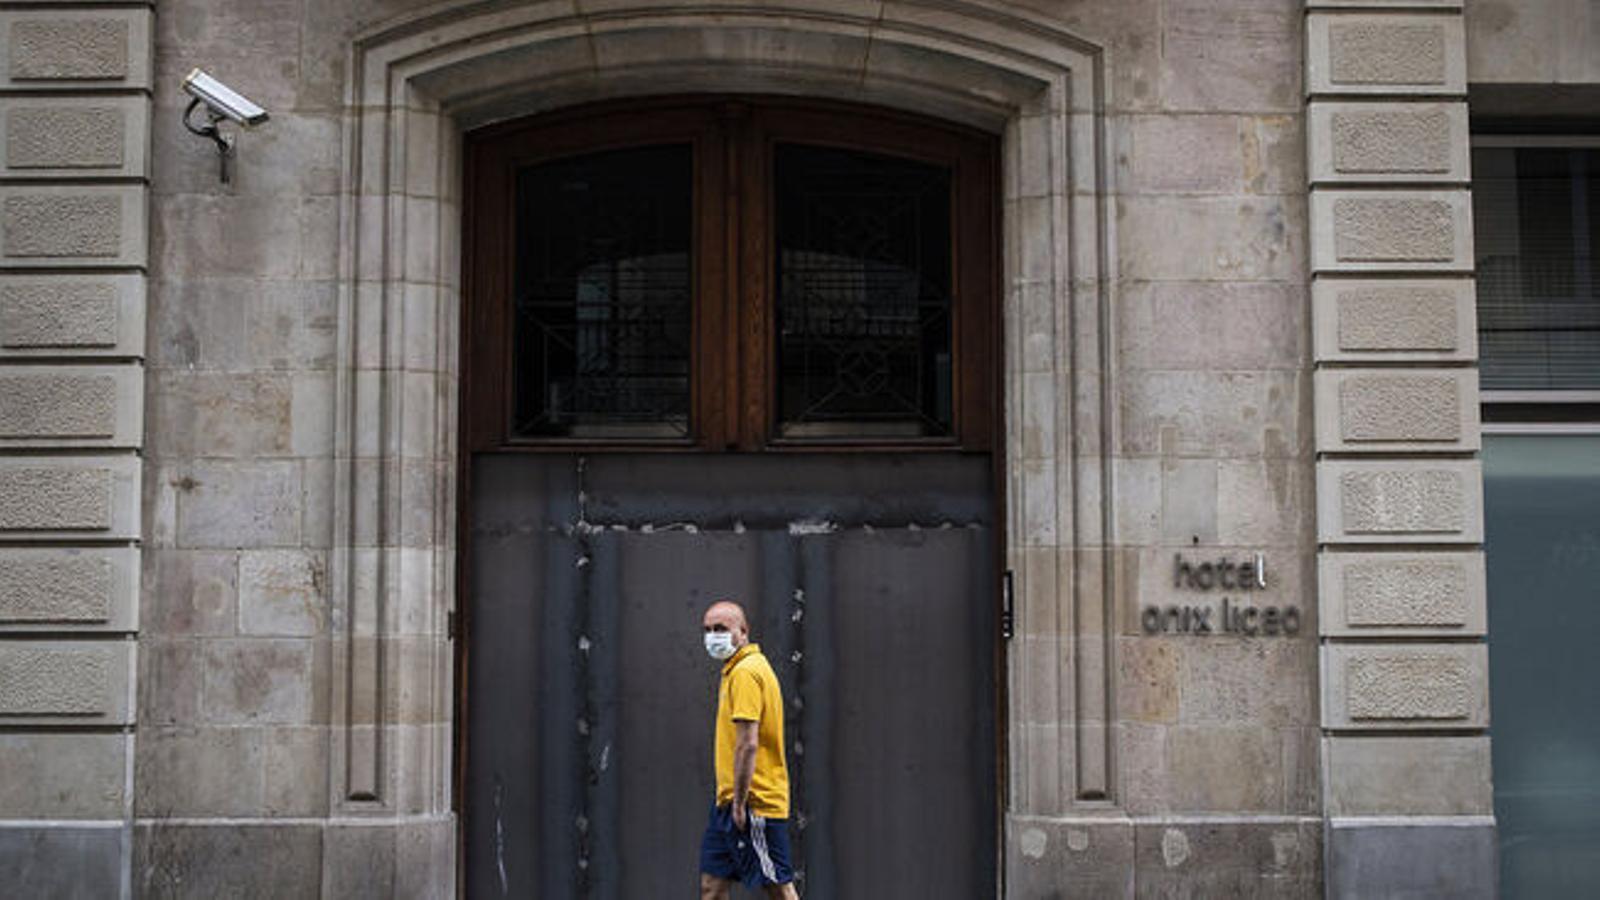 Espanya decreta 14 dies de quarantena per a tothom que arribi de l'estranger